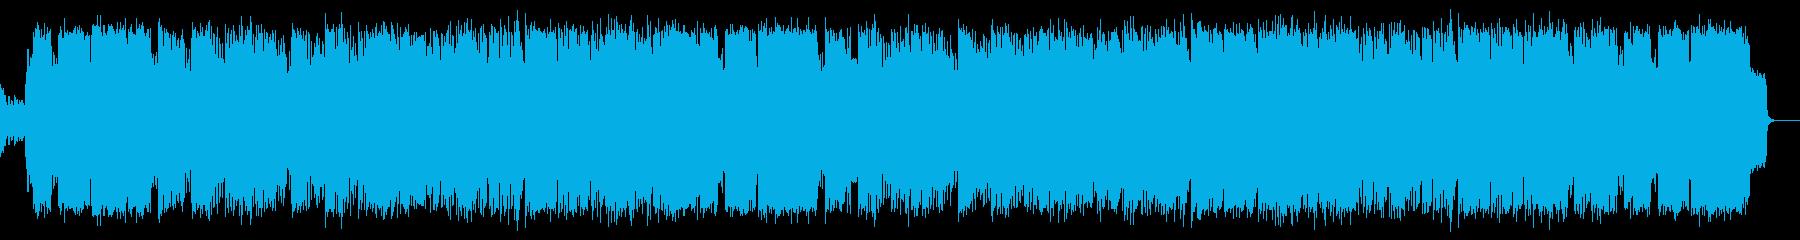 エレガントでしっとりした3連リズムの楽曲の再生済みの波形